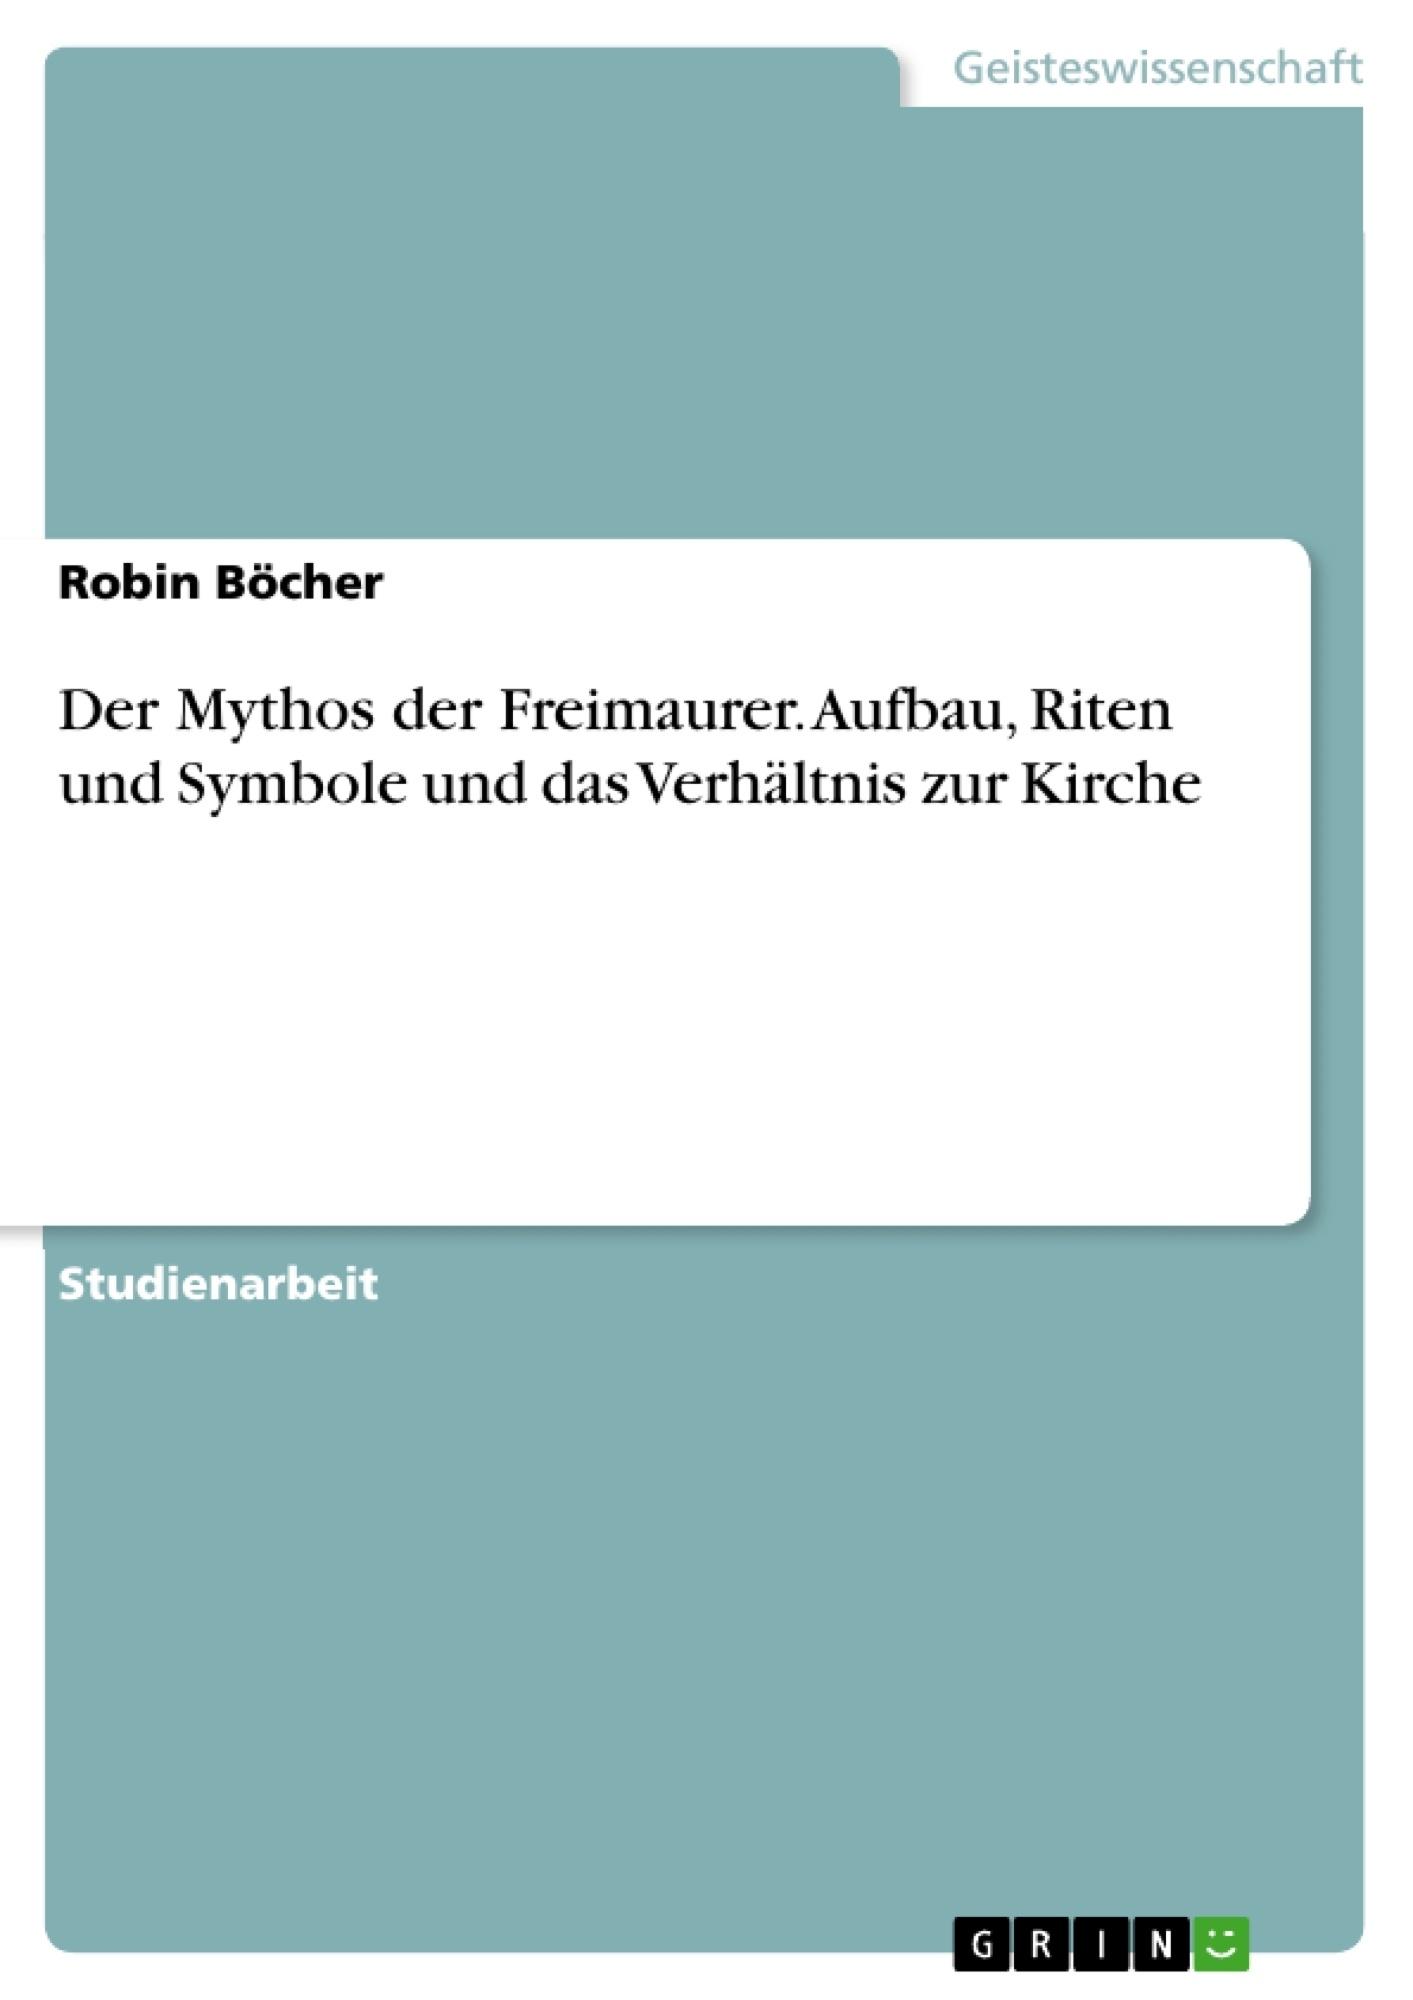 Titel: Der Mythos der Freimaurer. Aufbau, Riten und Symbole und das Verhältnis zur Kirche